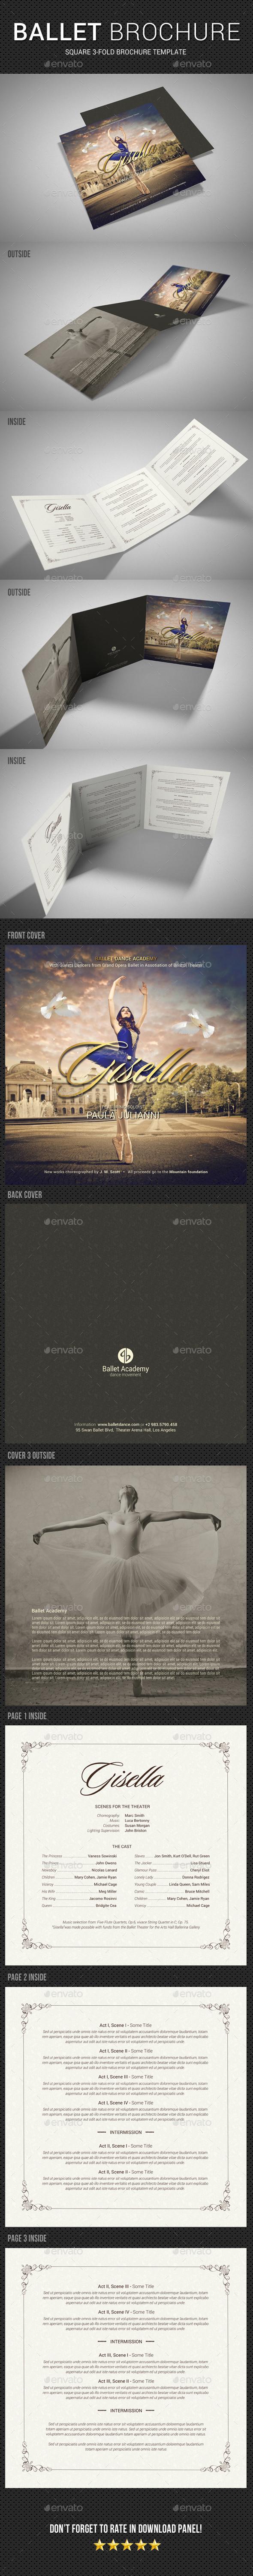 GraphicRiver Ballet Program Square Tri-Fold Brochure 20576590